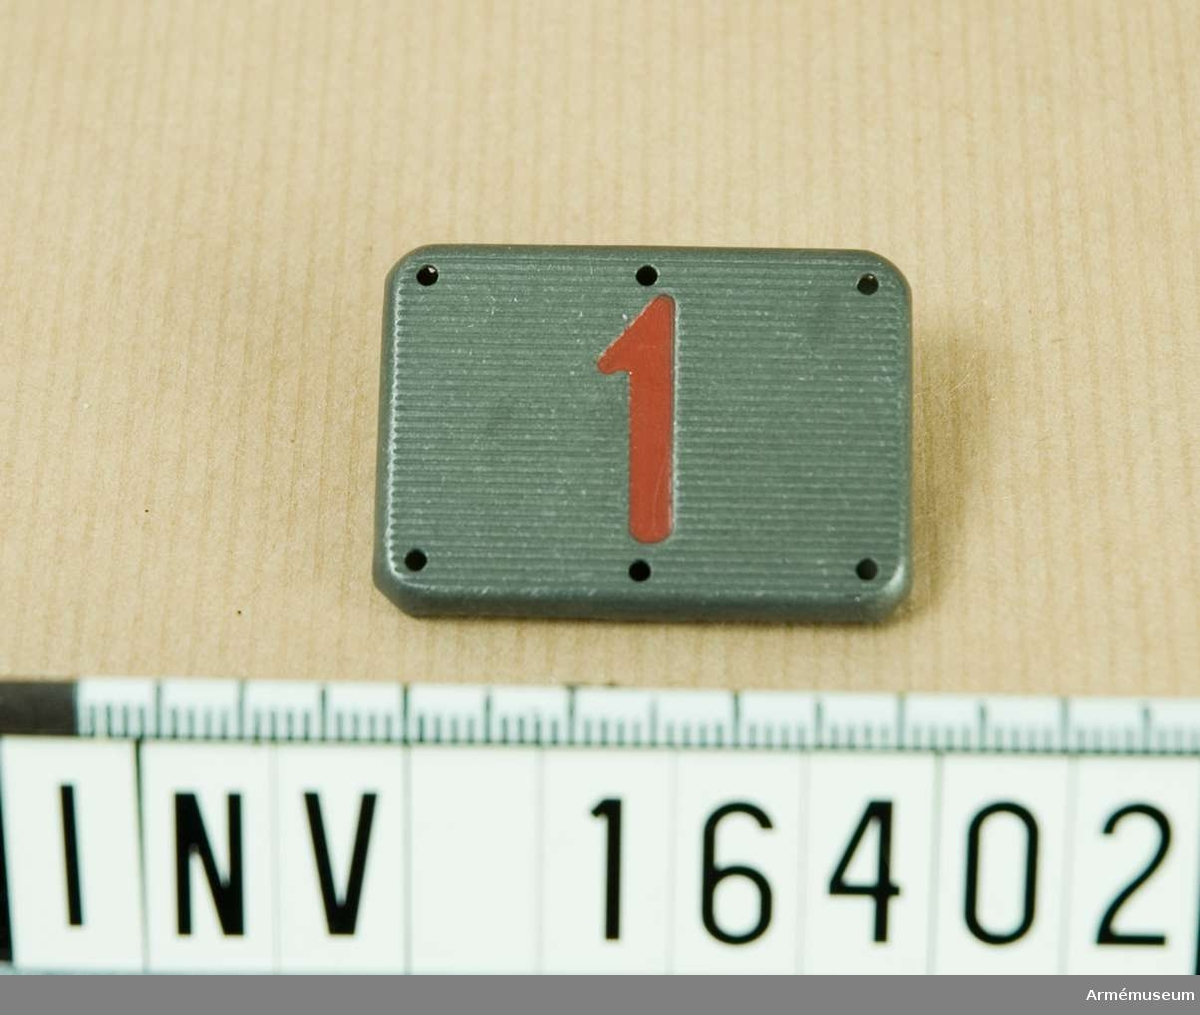 Samhörande gåva är: 16399-16409.Förbandsbeteckning m/1934.Truppförbandsbricka av metall. Grå botten med siffran 1 i rött. Brickan försedd med sex nabbar för fastsättning. Truppförbandsbrickorna utgick ur utrustningen gemon go nr 4345  1950-12-02.